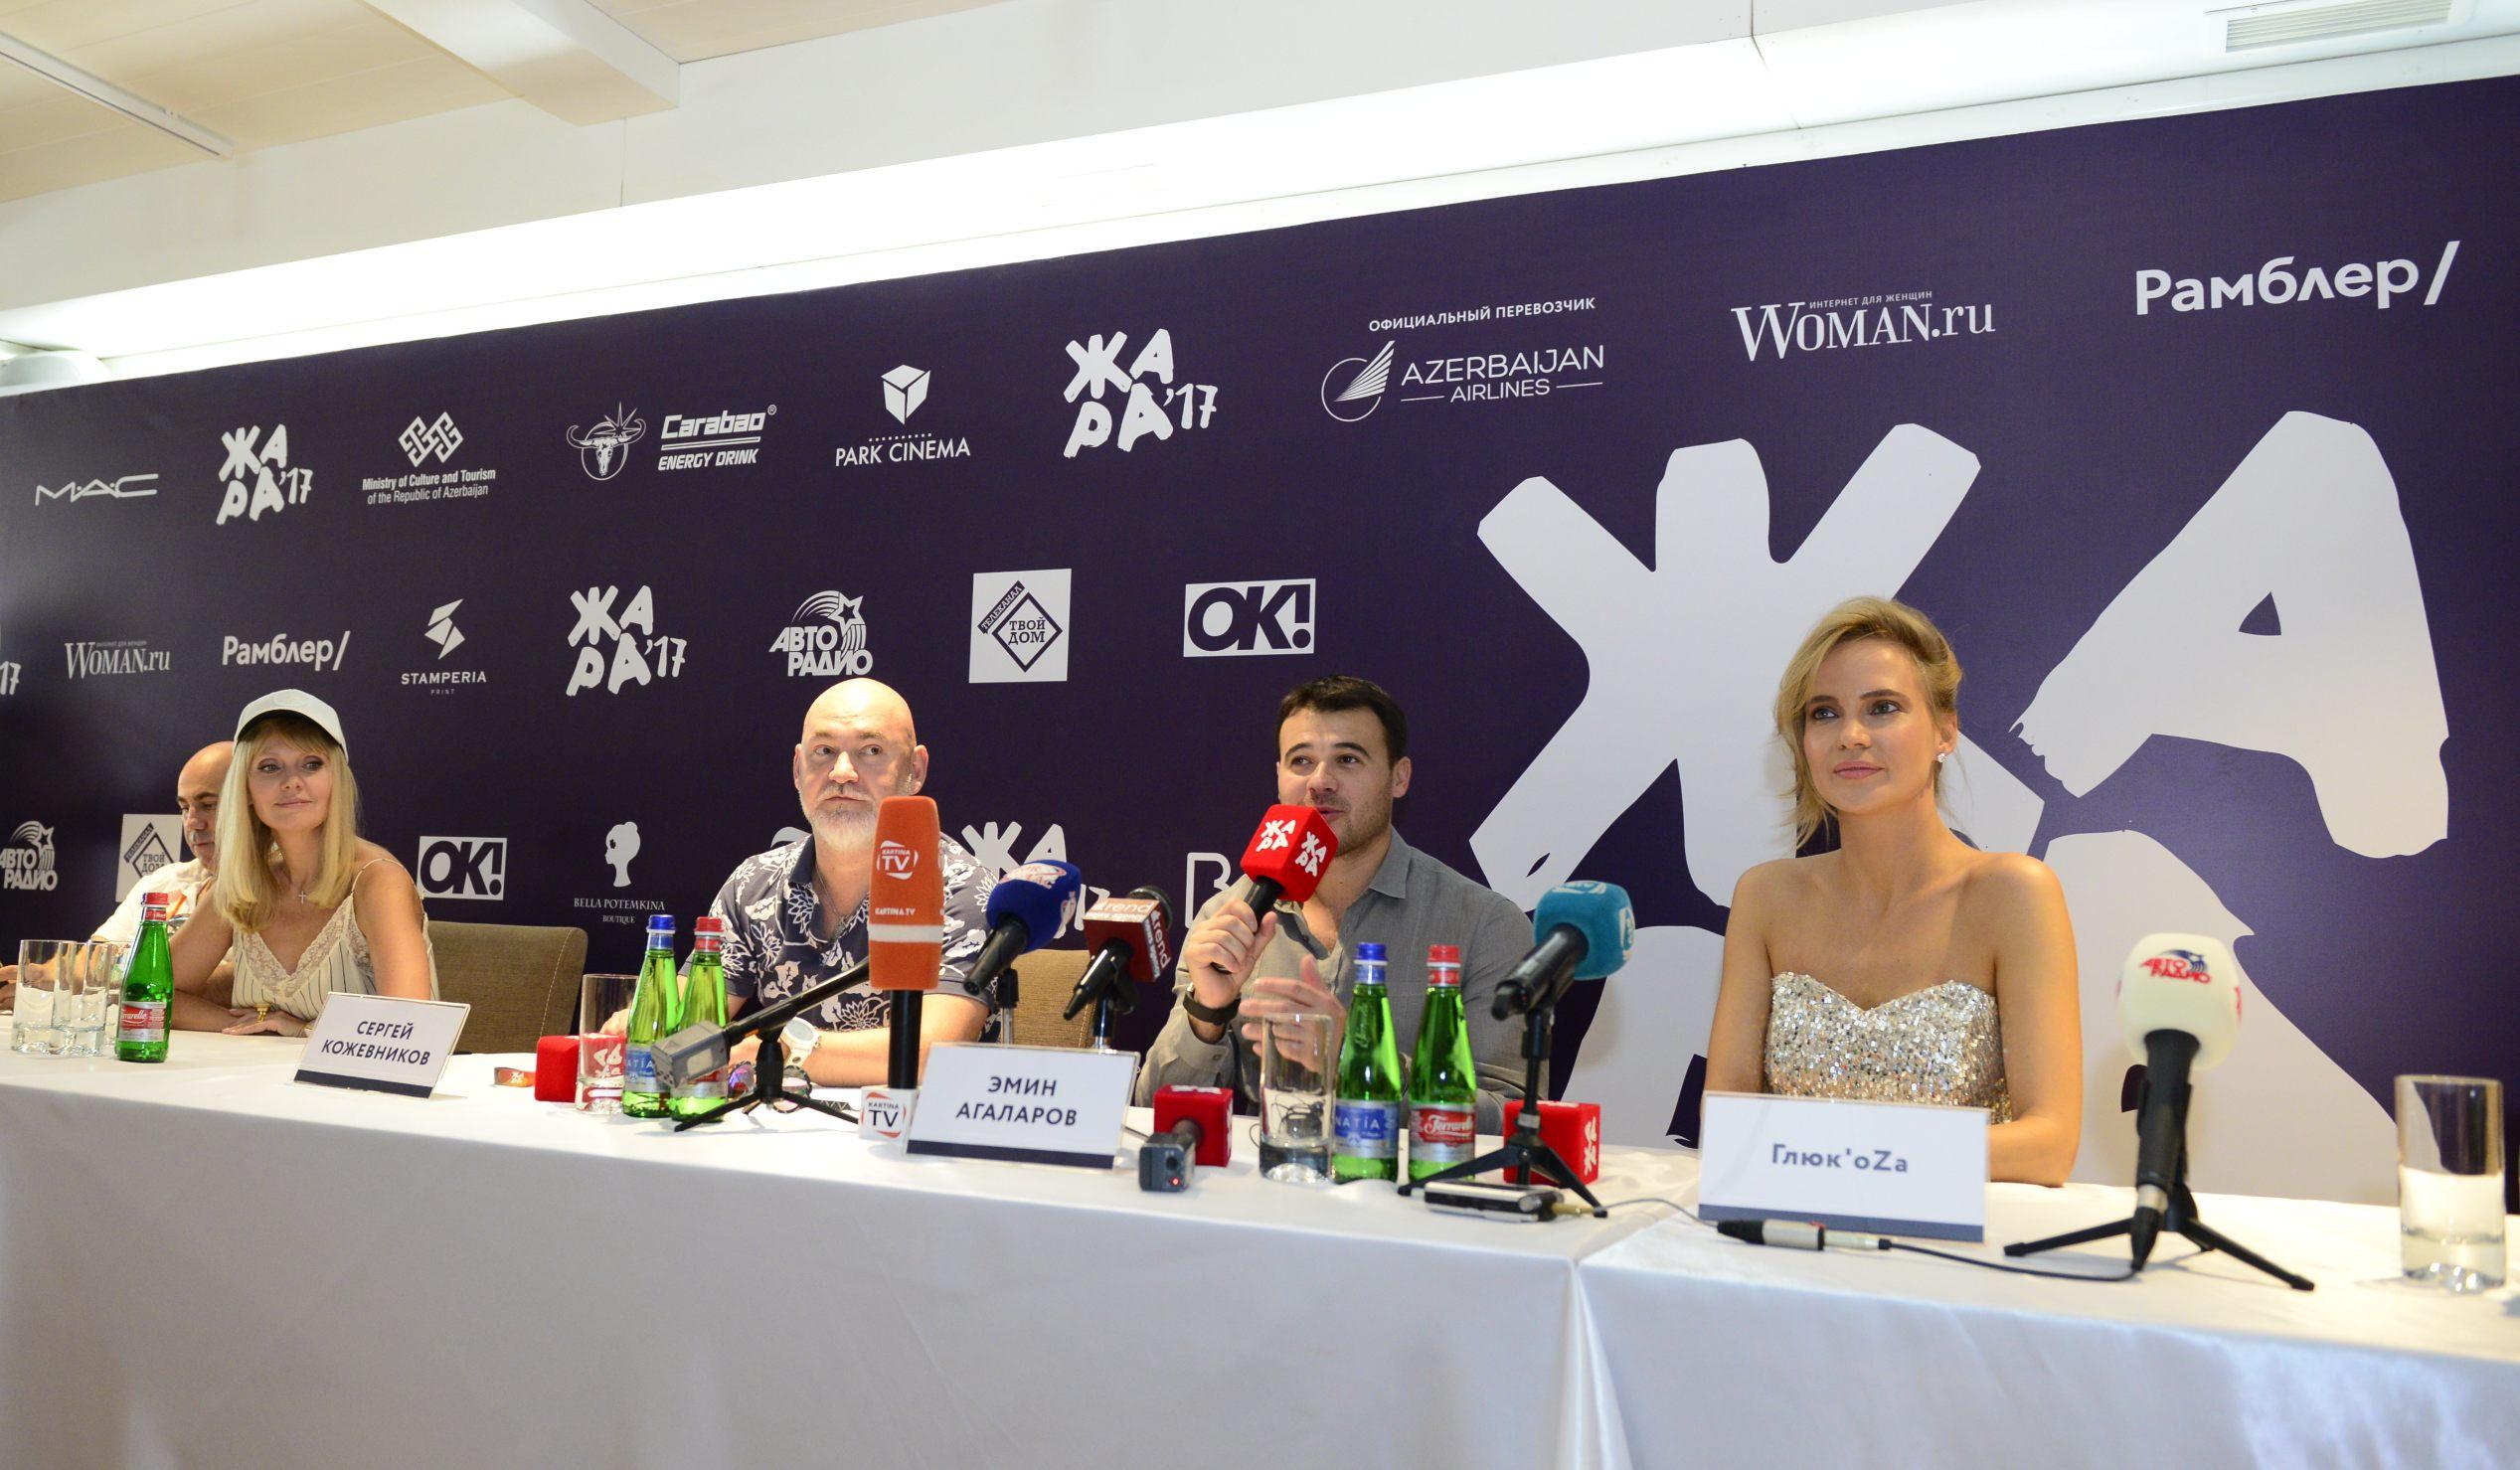 Встолице Азербайджана сегодня начинается международный фестиваль «Жара» сучастием 500 музыкантов